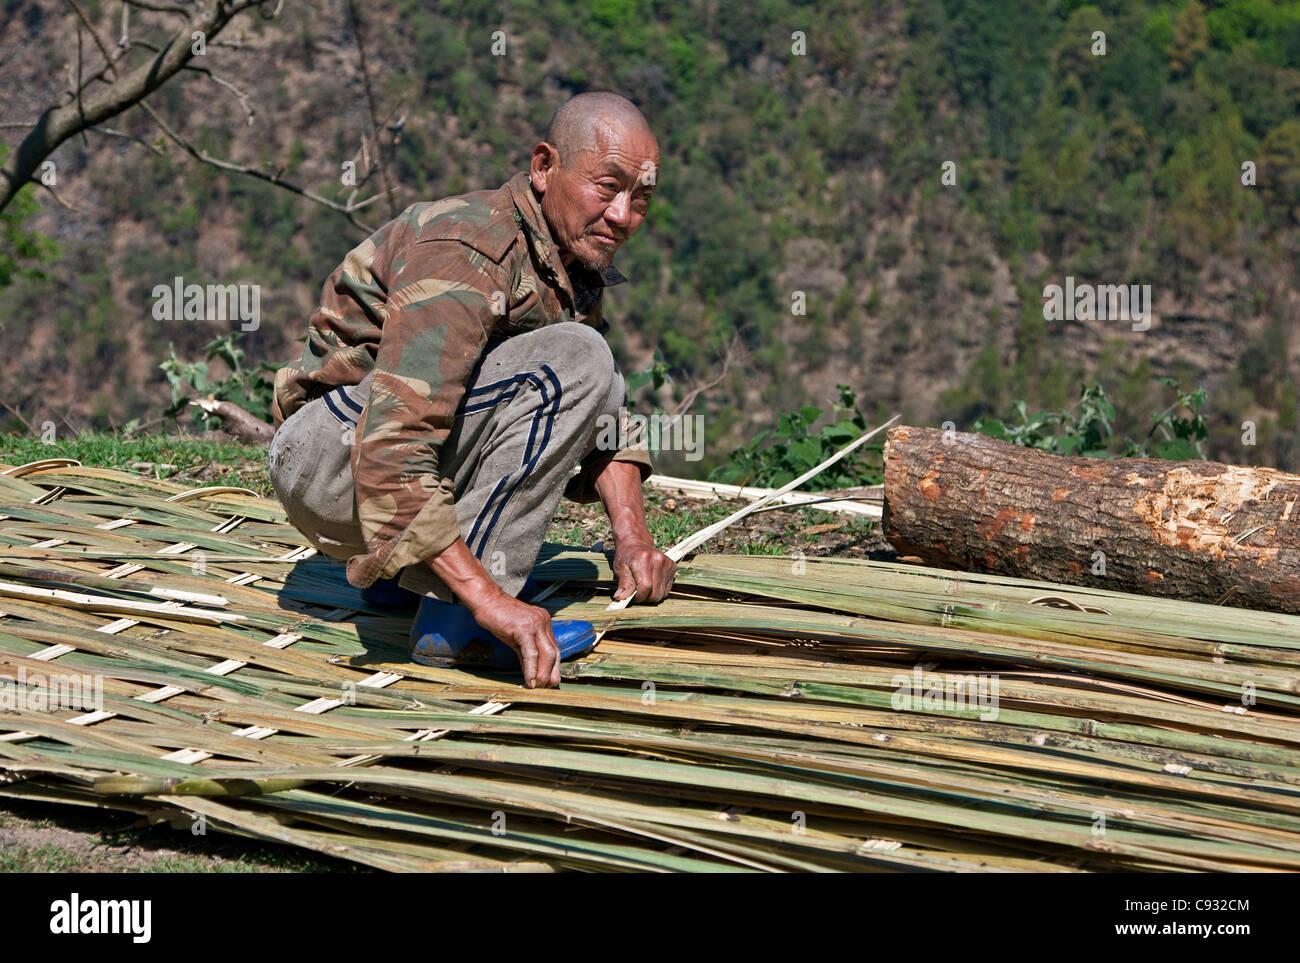 Un homme fait des grilles pour l'walling et plafonds de maisons ou pour les clôtures de bambou fendu. Photo Stock